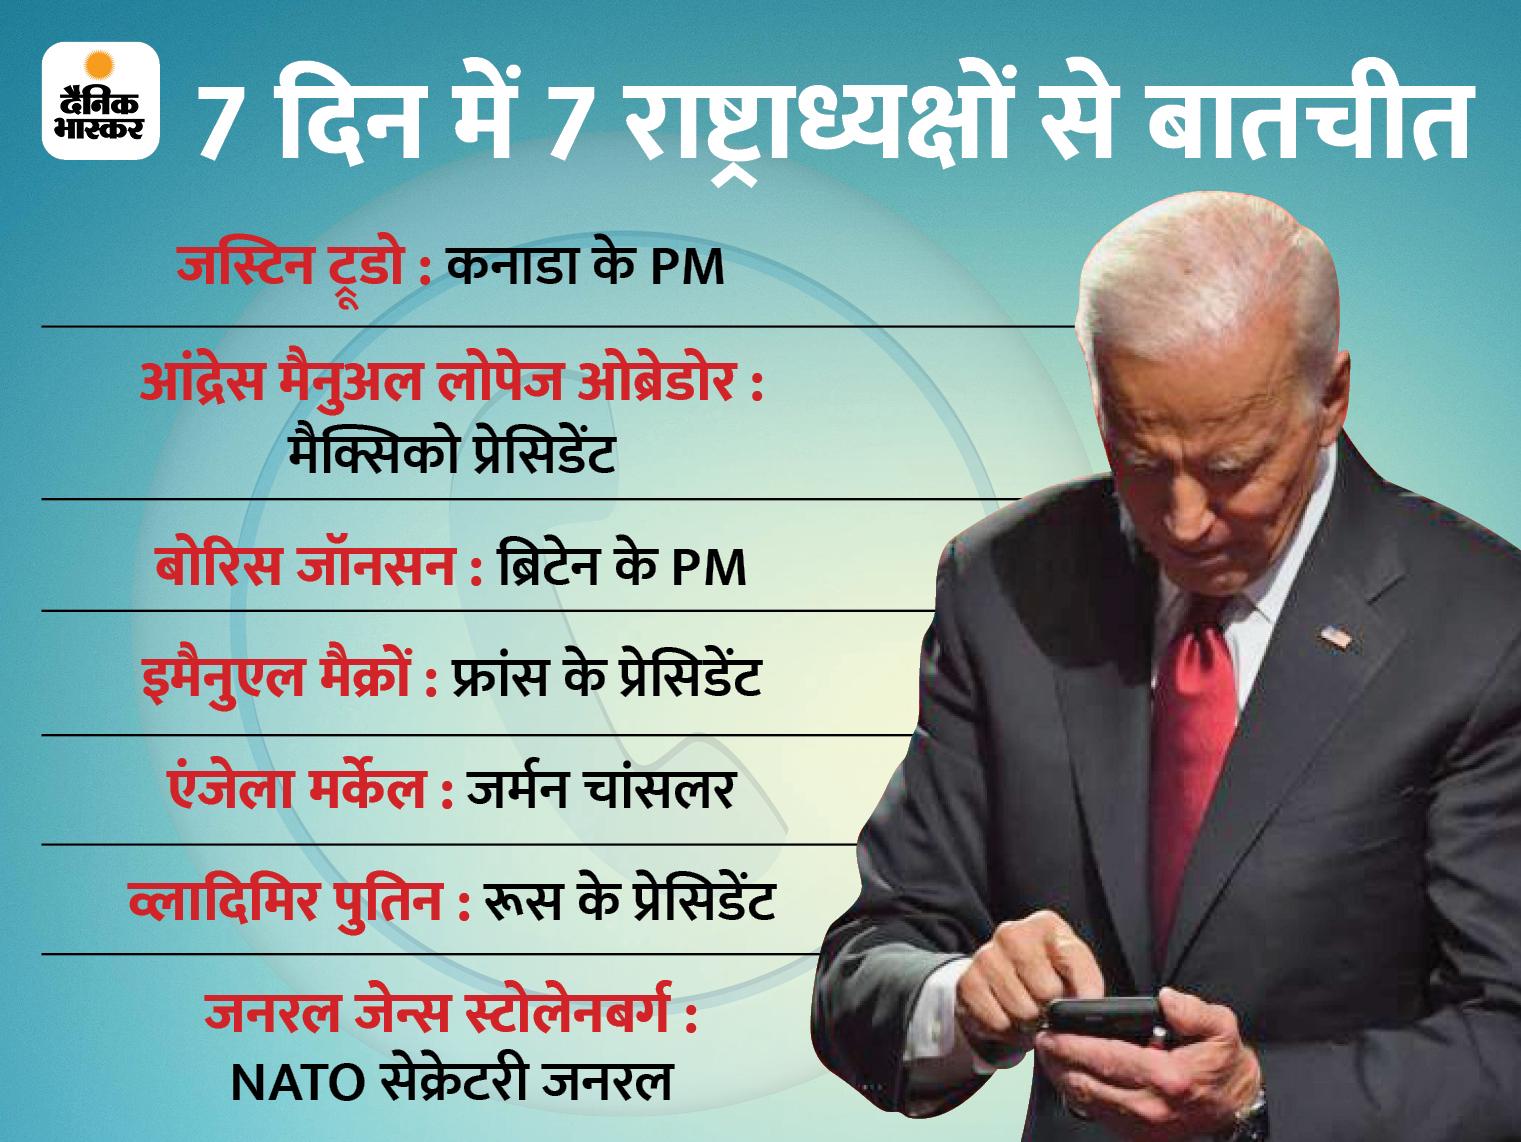 बतौर राष्ट्रपति बाइडेन ने पहले हफ्ते में 7 वर्ल्ड लीडर्स से बातचीत की; इनमें भारत, इजराइल और सऊदी नहीं|विदेश,International - Dainik Bhaskar